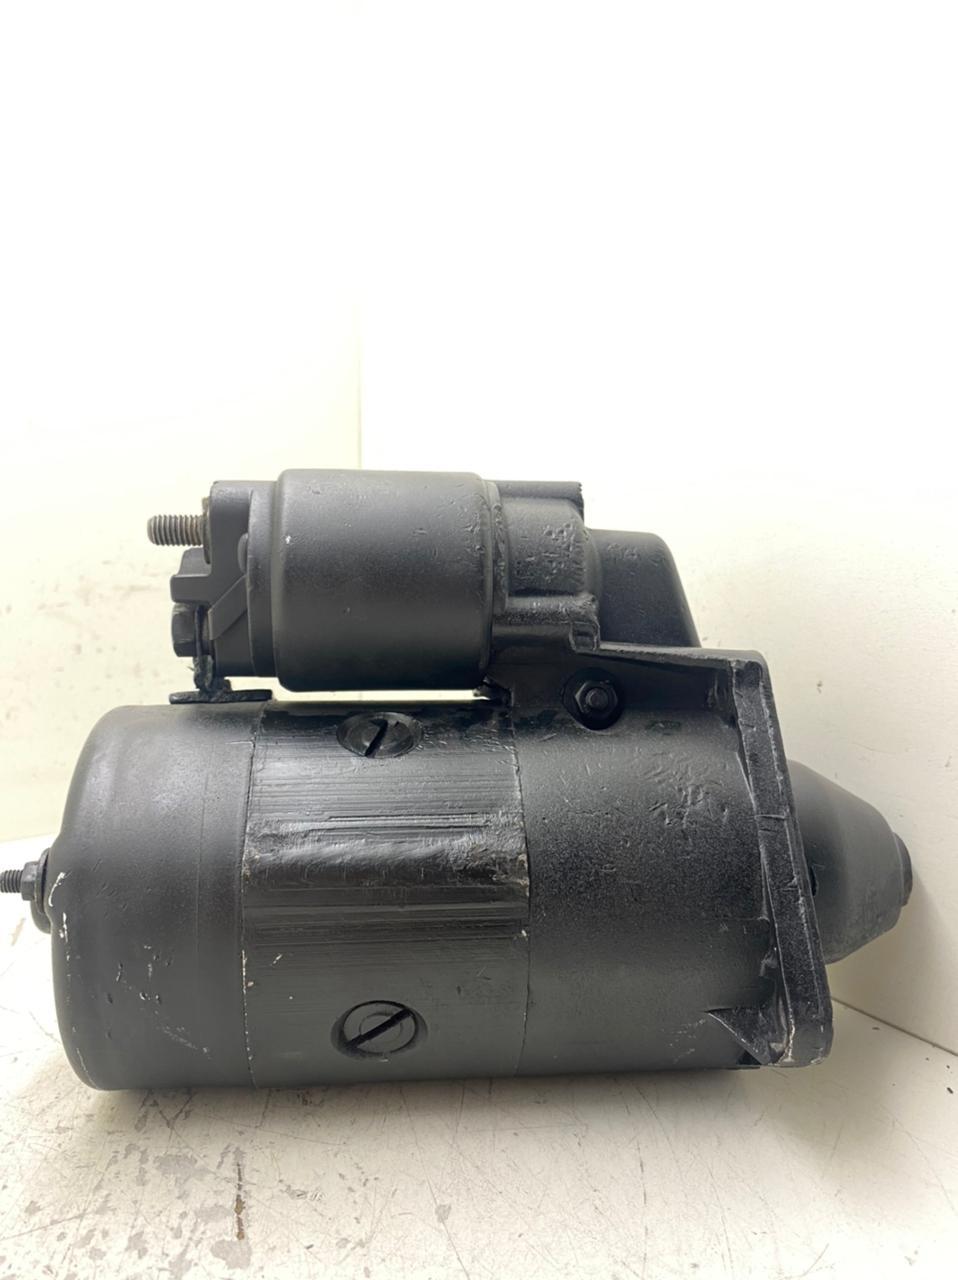 Motor De Partida Arranque Ford Belina Corcel II Gol Escort Verona  Cht 12V 9000082025 9000082069 305911023A 9000082035 90000820041 9000082043 90000820051